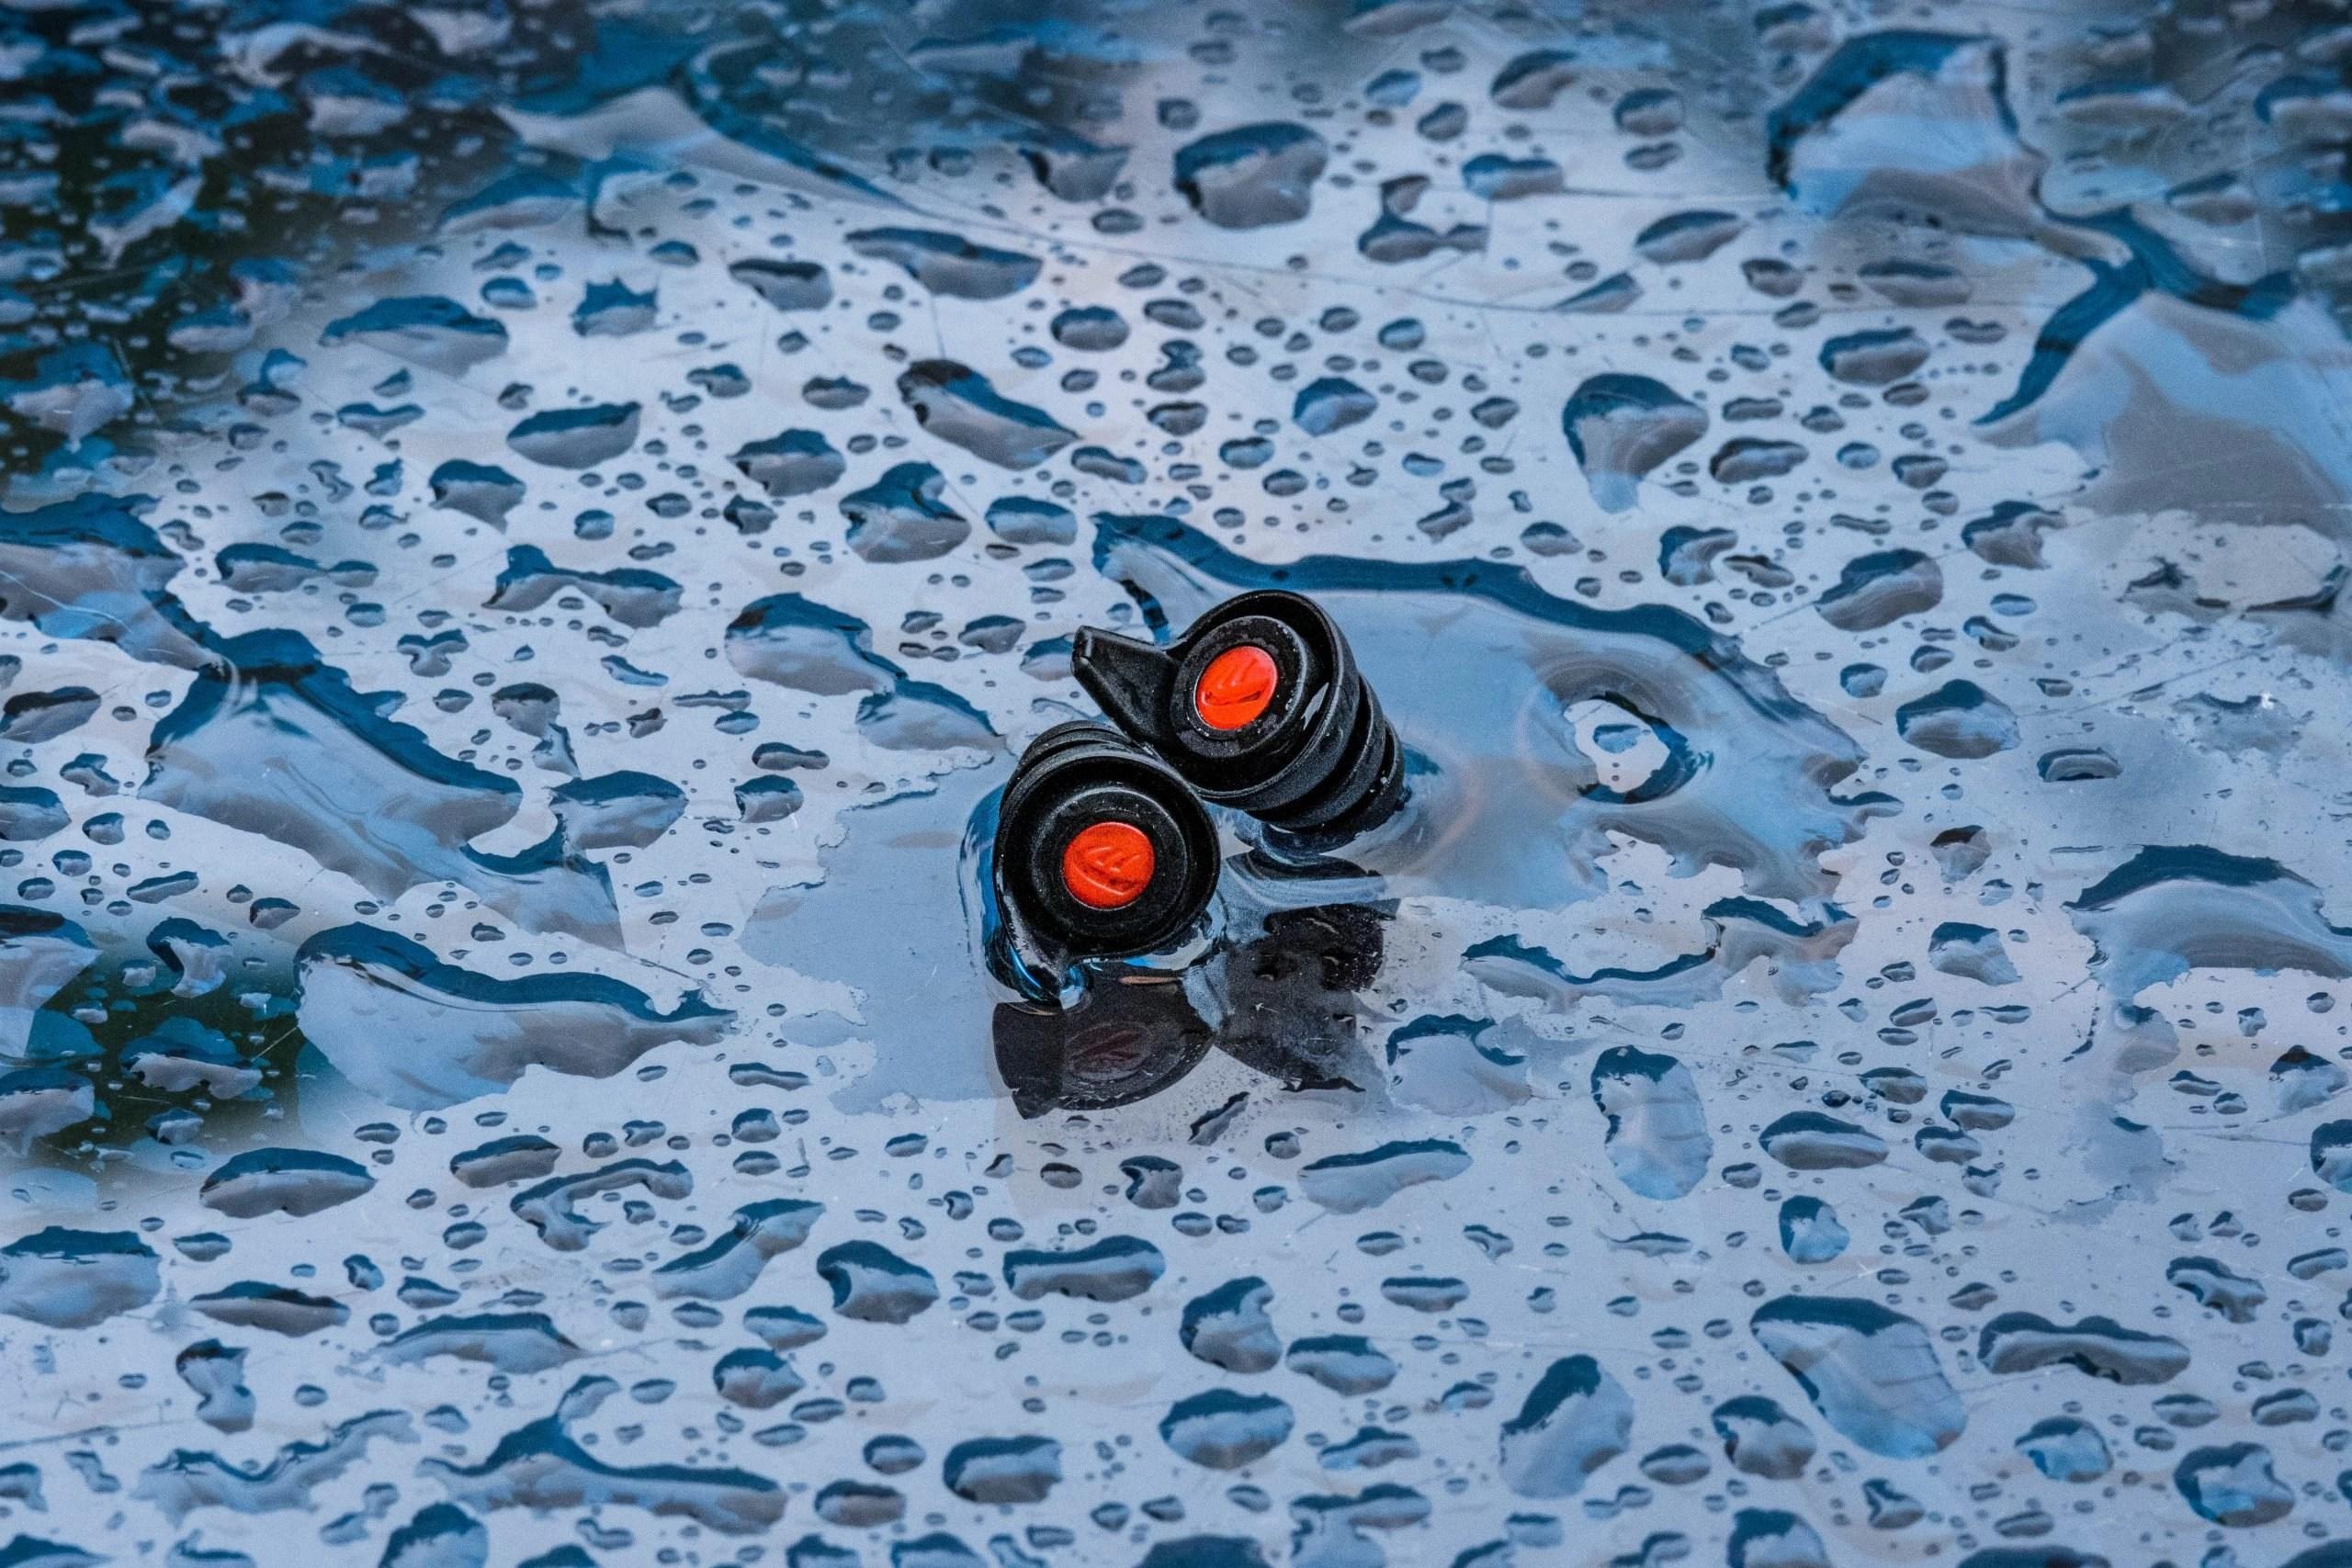 pinlock earplugs on wet glass